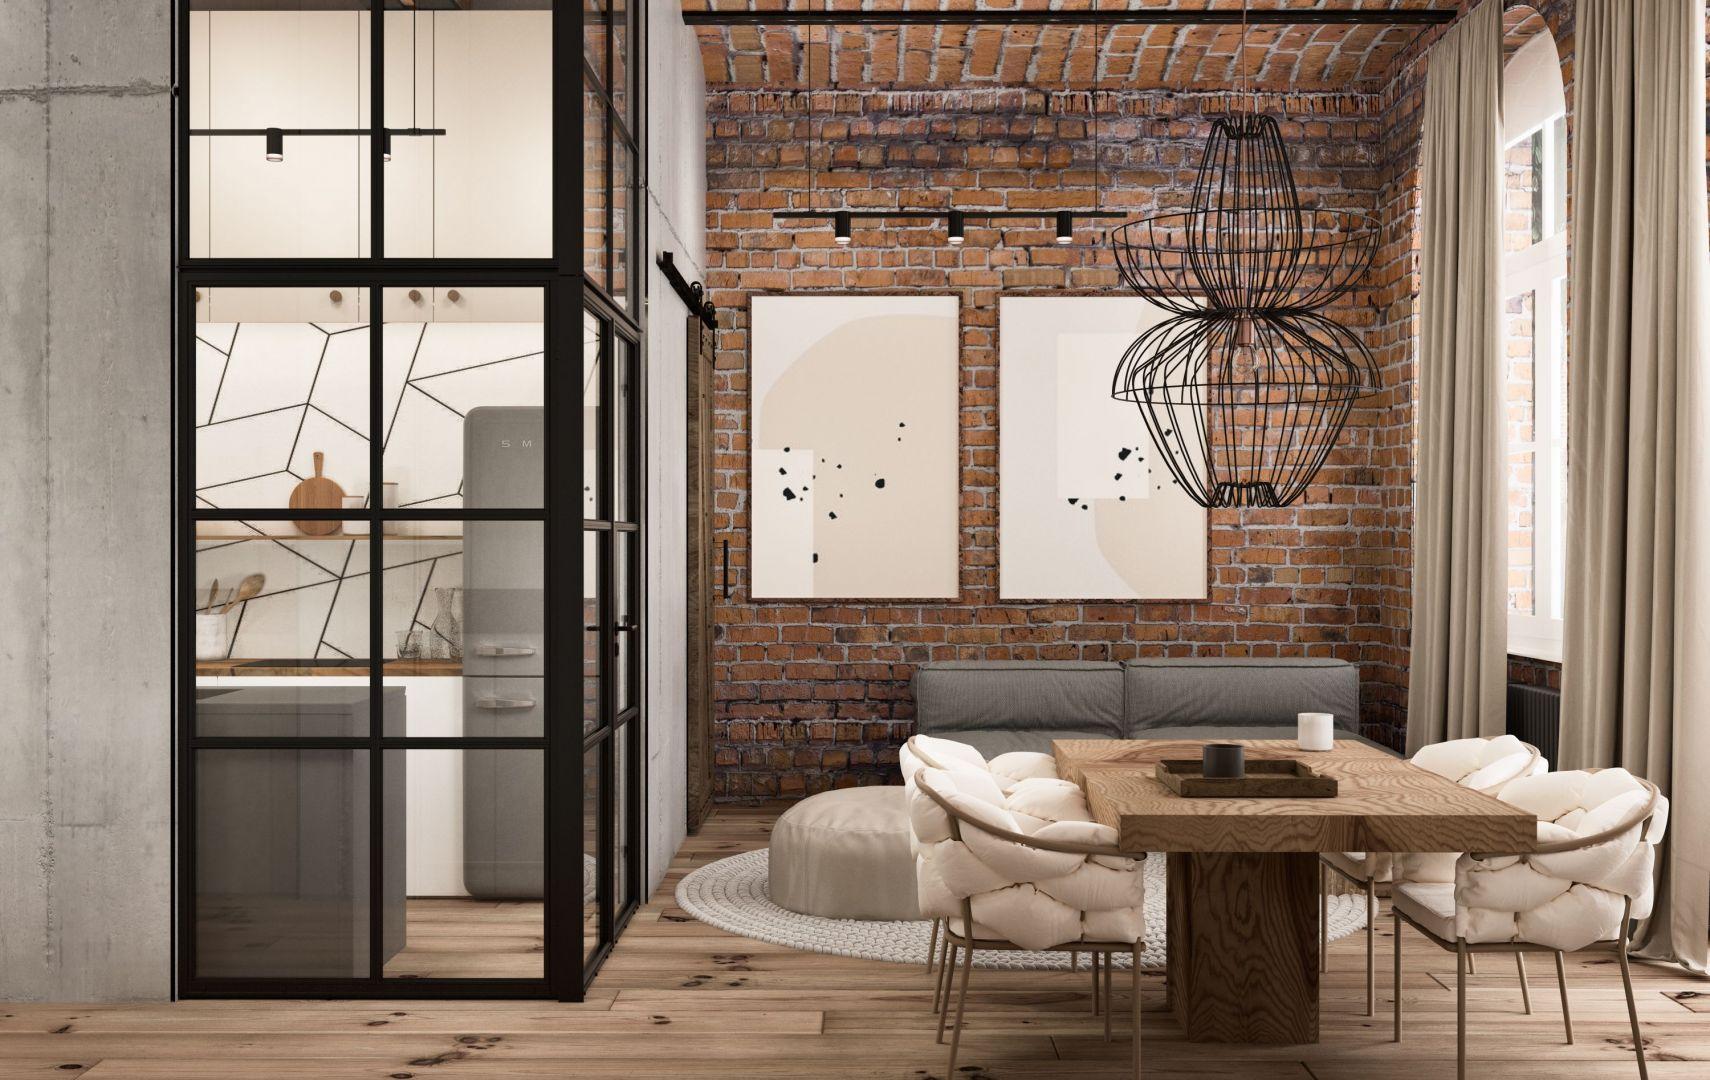 Wyłożona cegłą ściana nadaje wnętrzu unikatowy, loftowy klimat. Projekt Nowa Papiernia